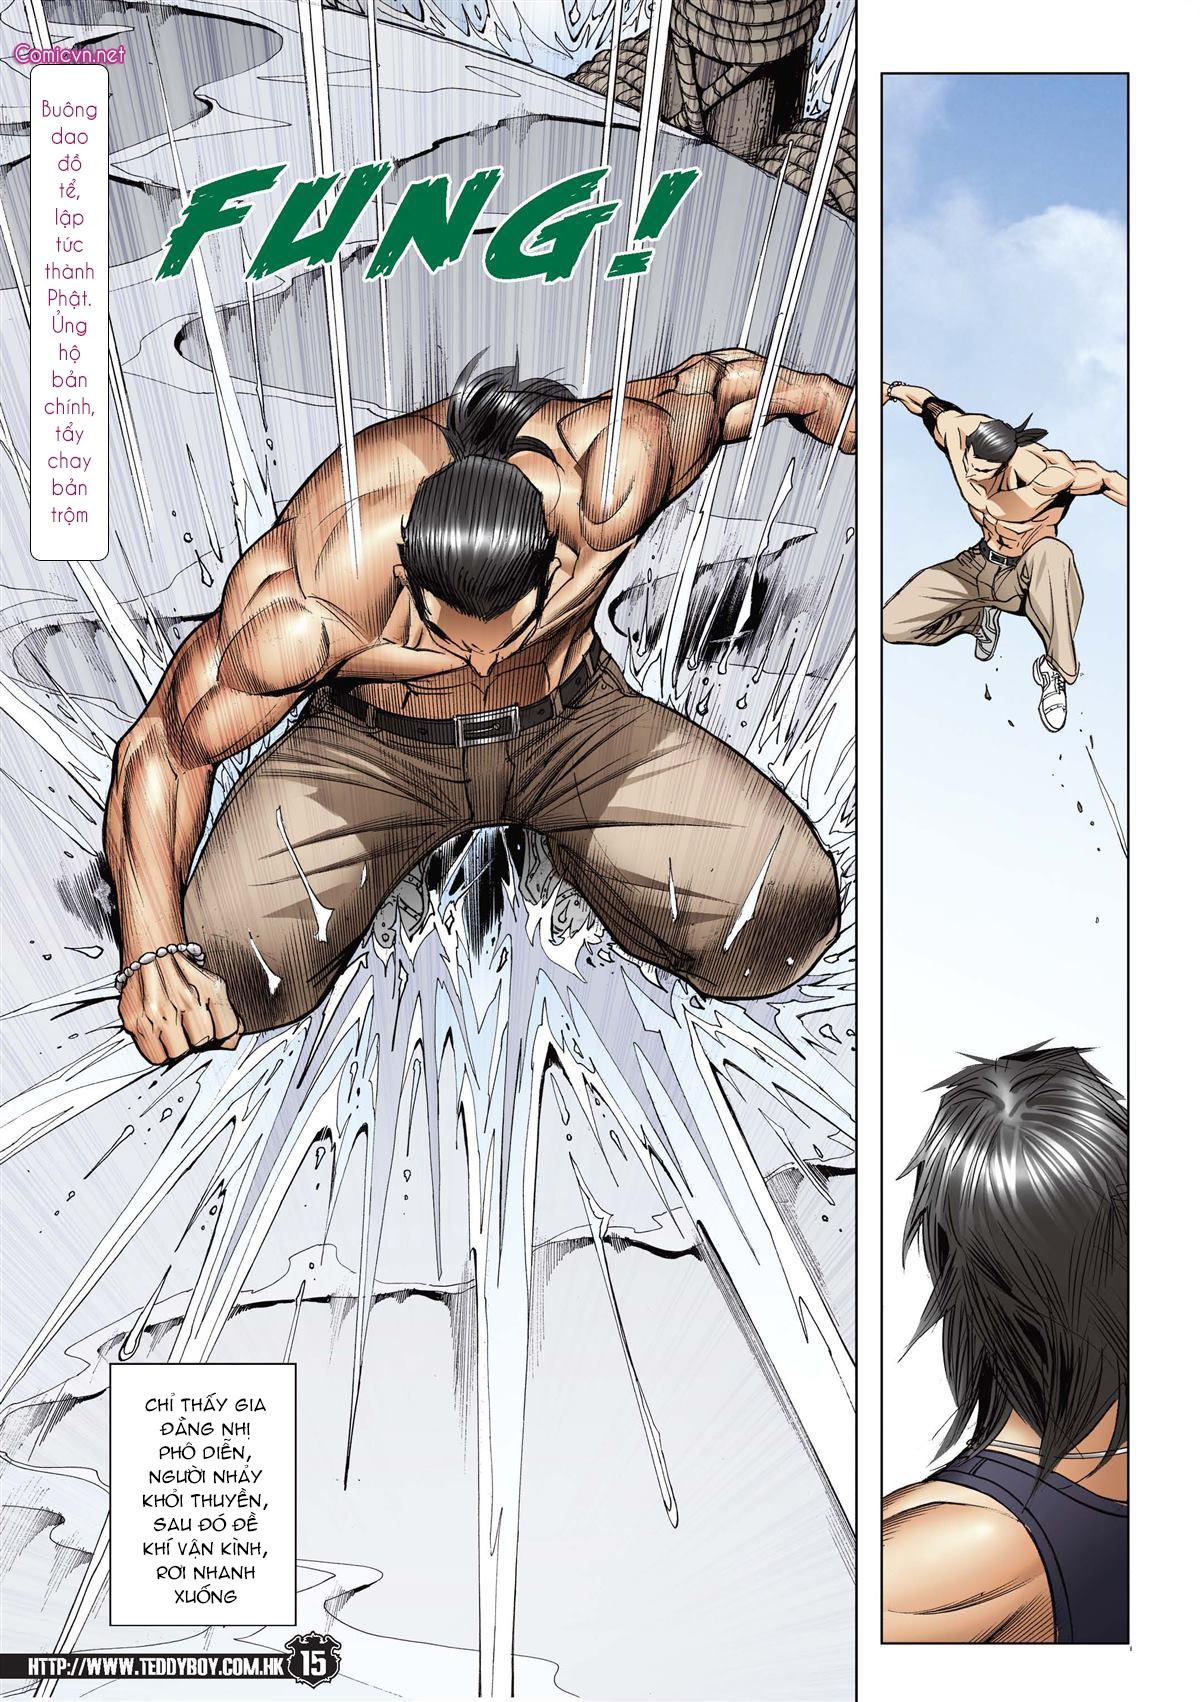 Người Trong Giang Hồ chapter 2148: tiểu mã vs gia đằng nhị trang 13